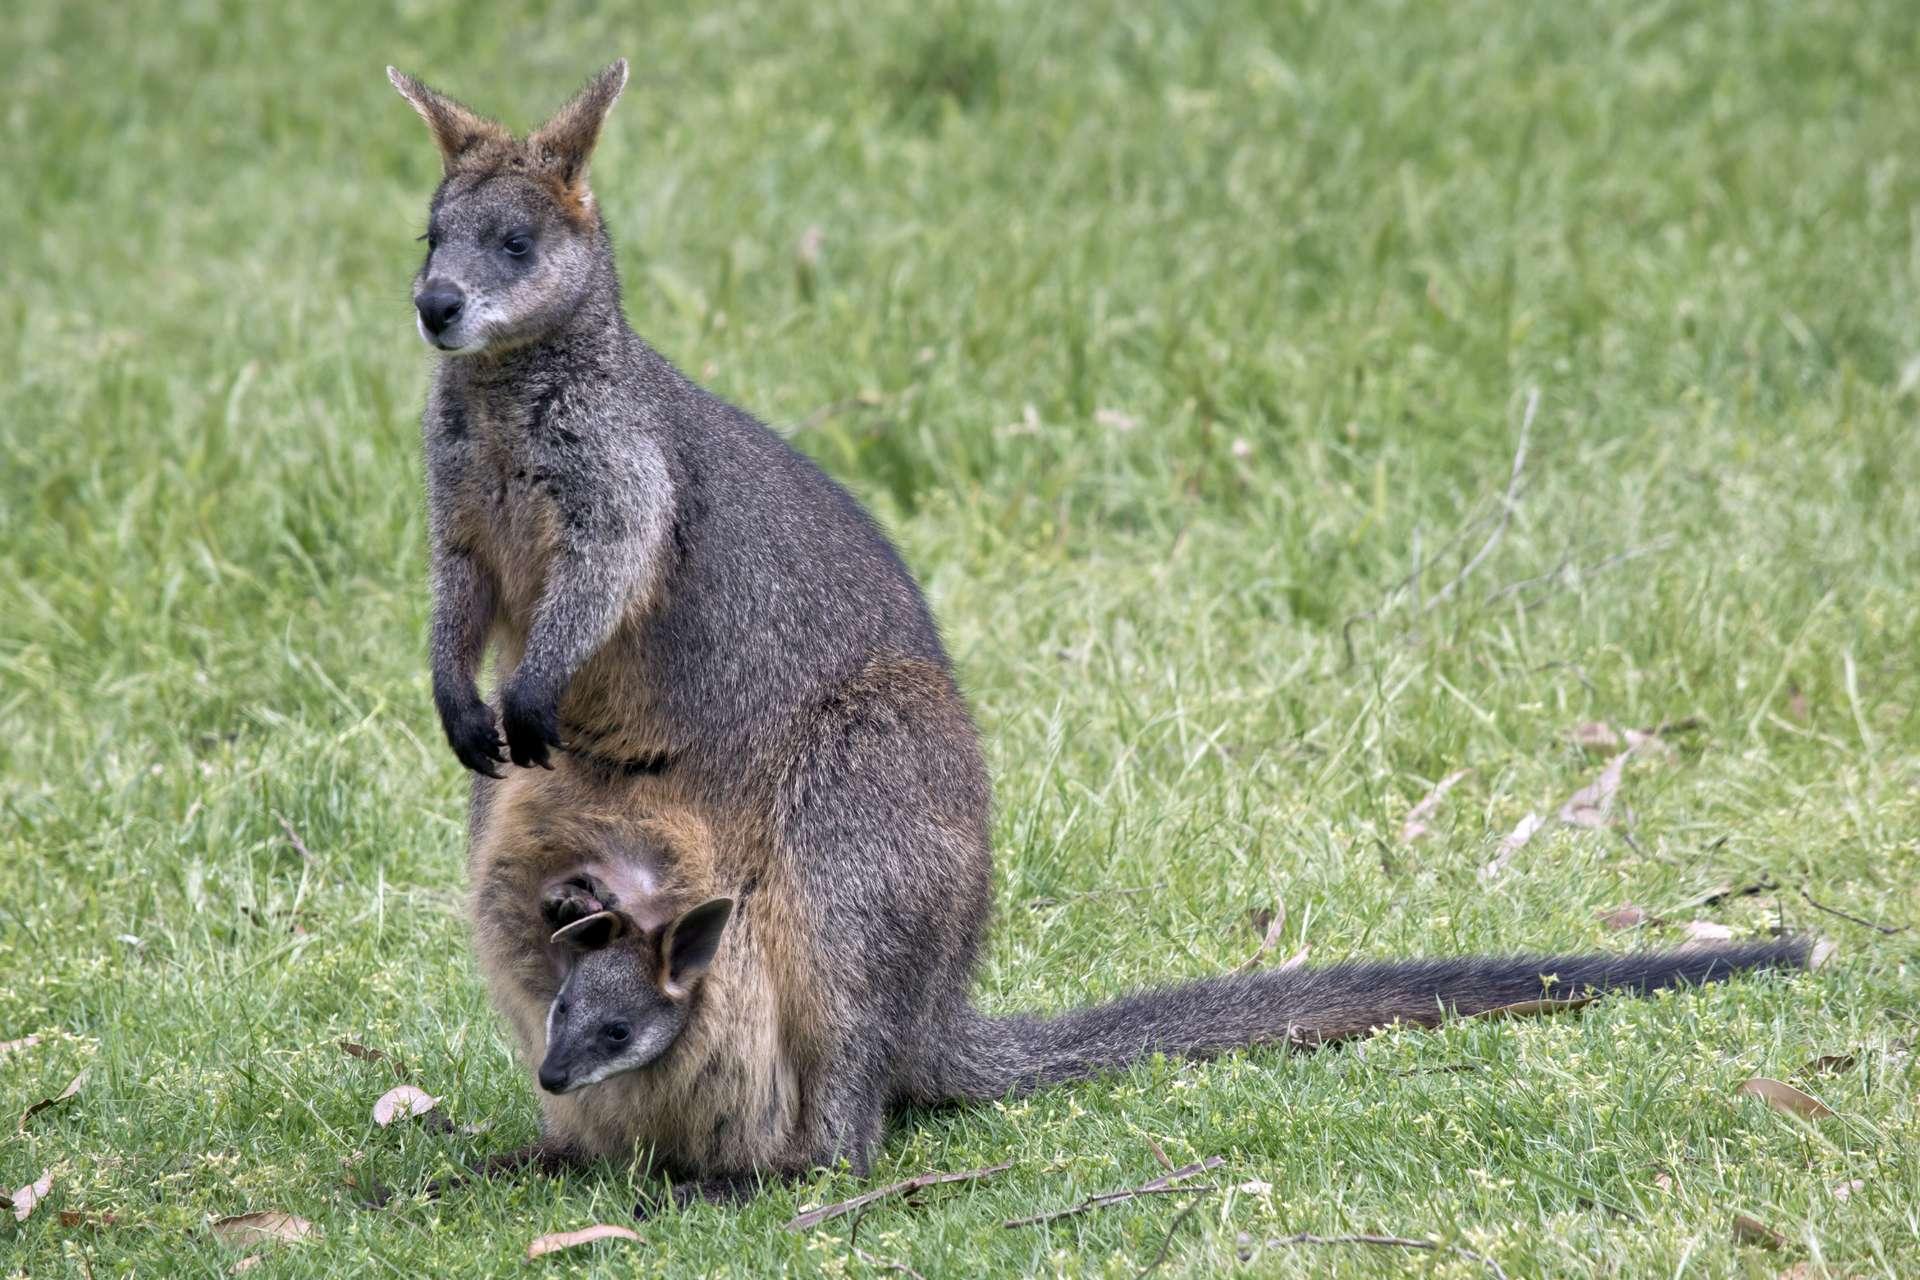 Les wallabys bicolores possèdent deux utérus. © Susan flashman, Adobe Stock